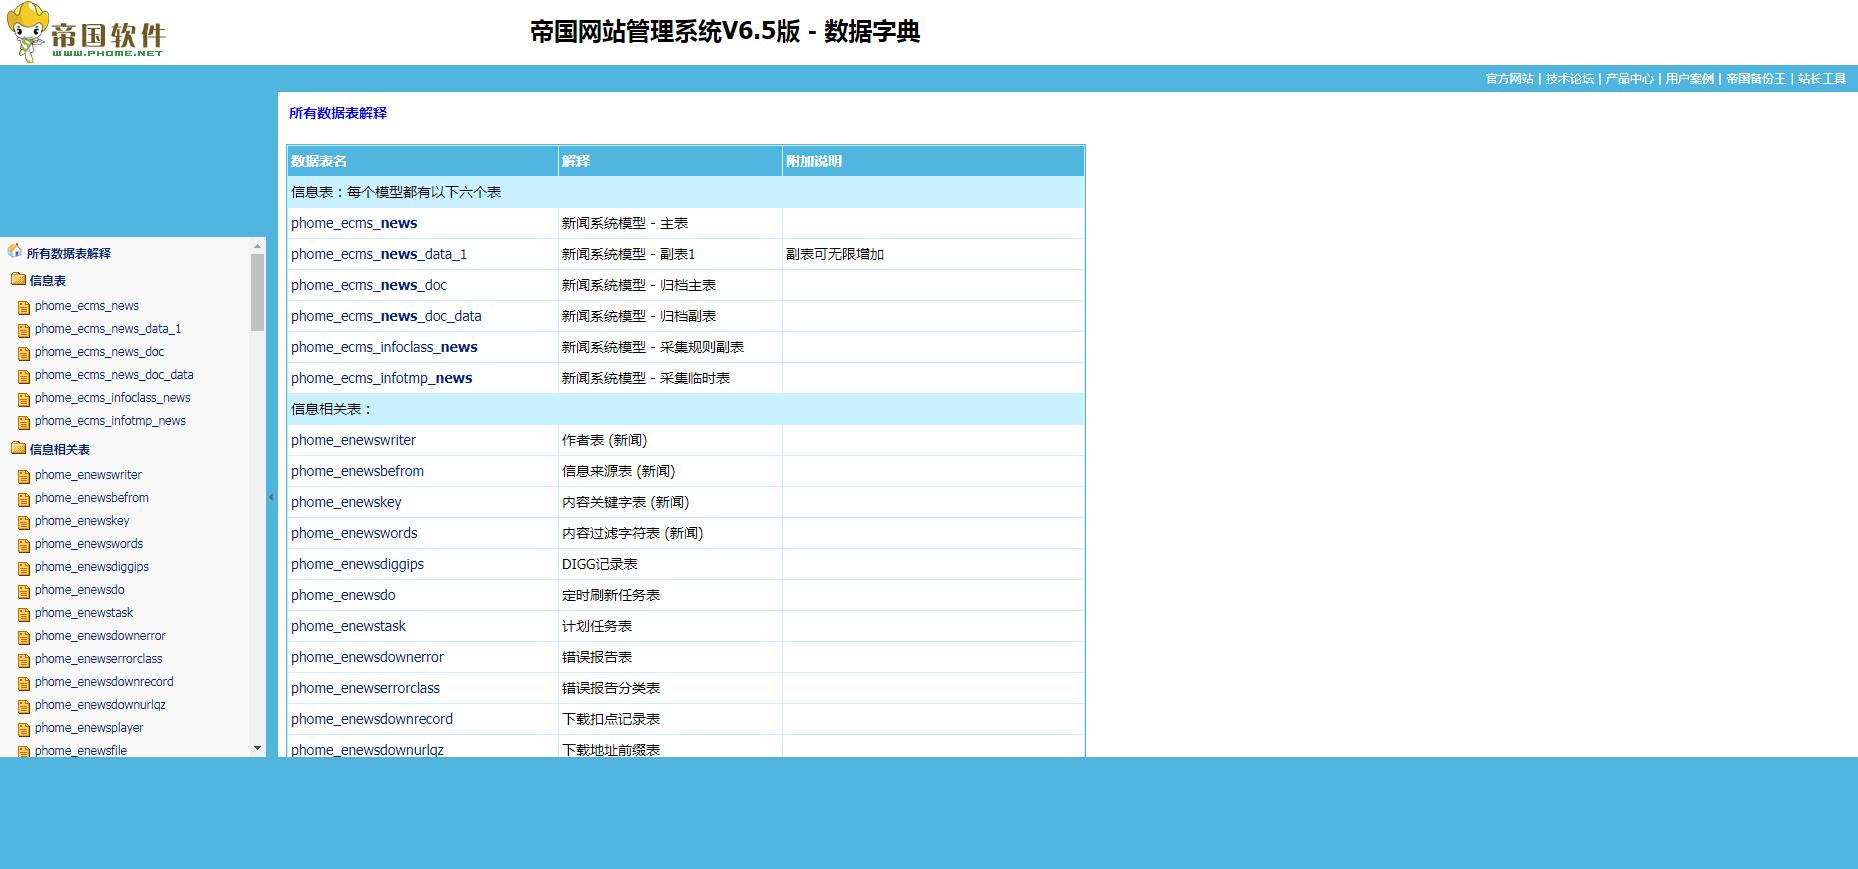 帝国网站管理系统 v6.5 数据字典